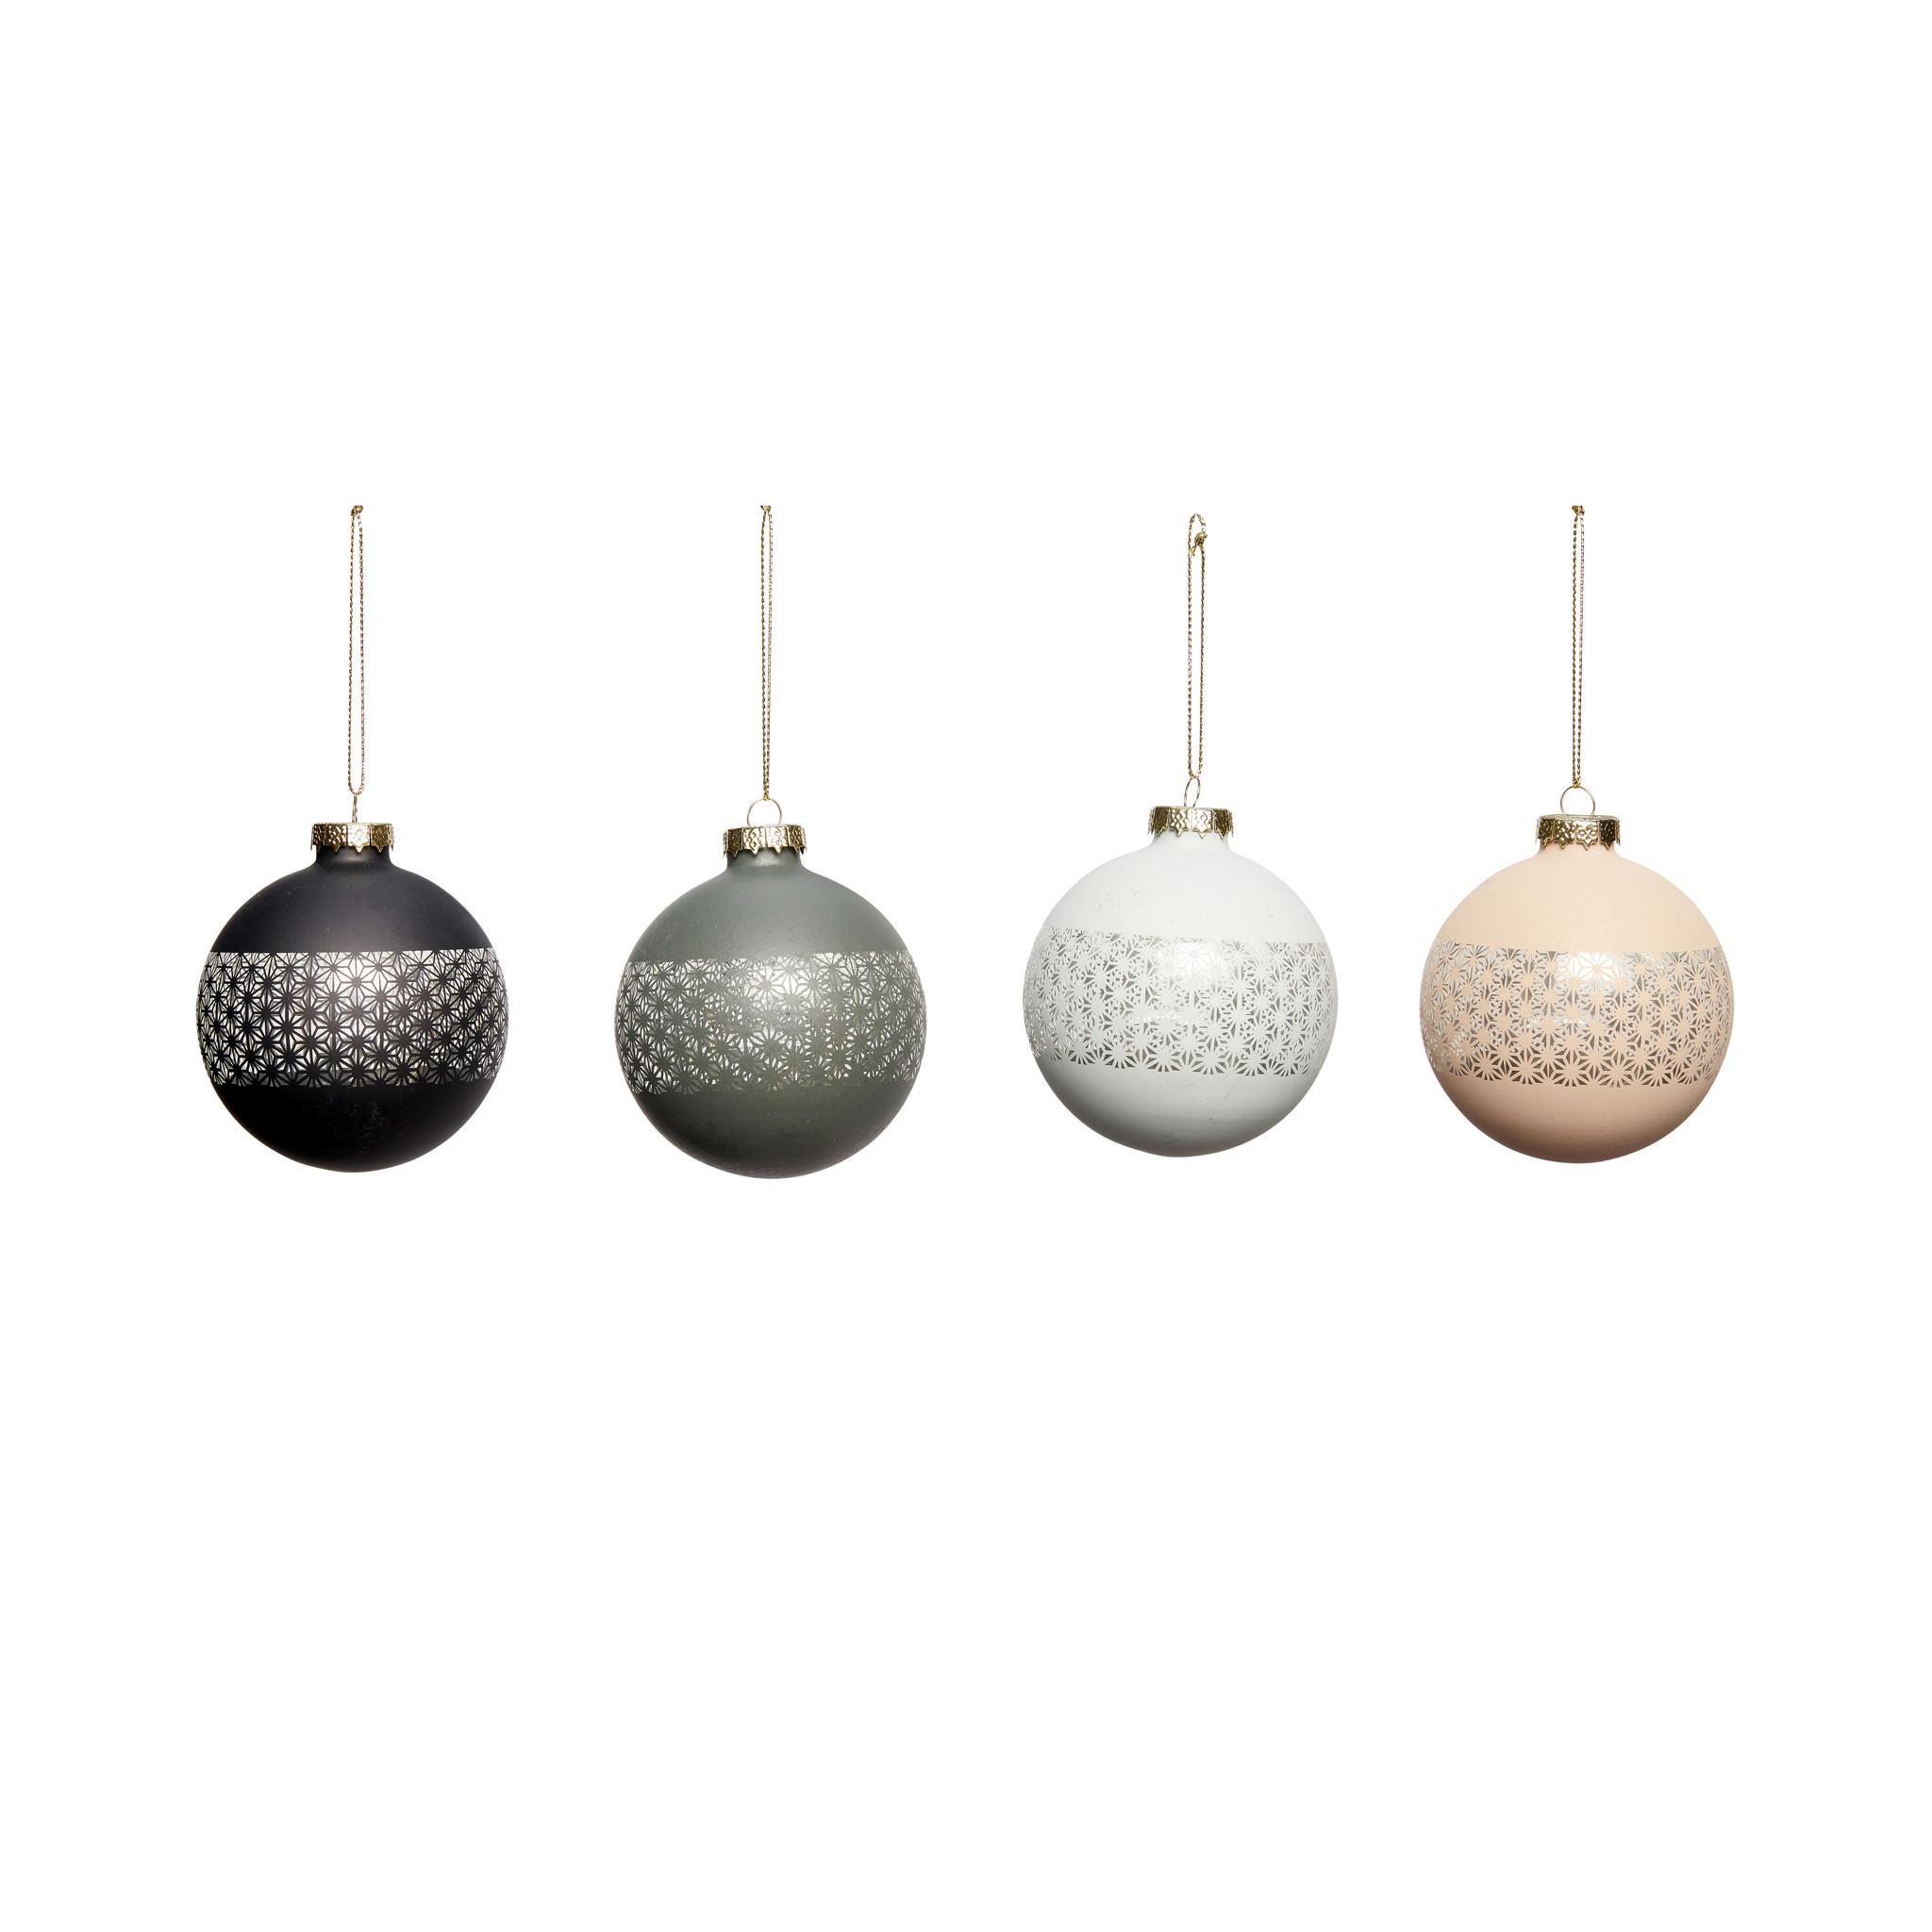 Hubsch Kerstbal, plast, zwart / blauw / donkerblauw / rose, groot, set van 4-640327-5712772057254